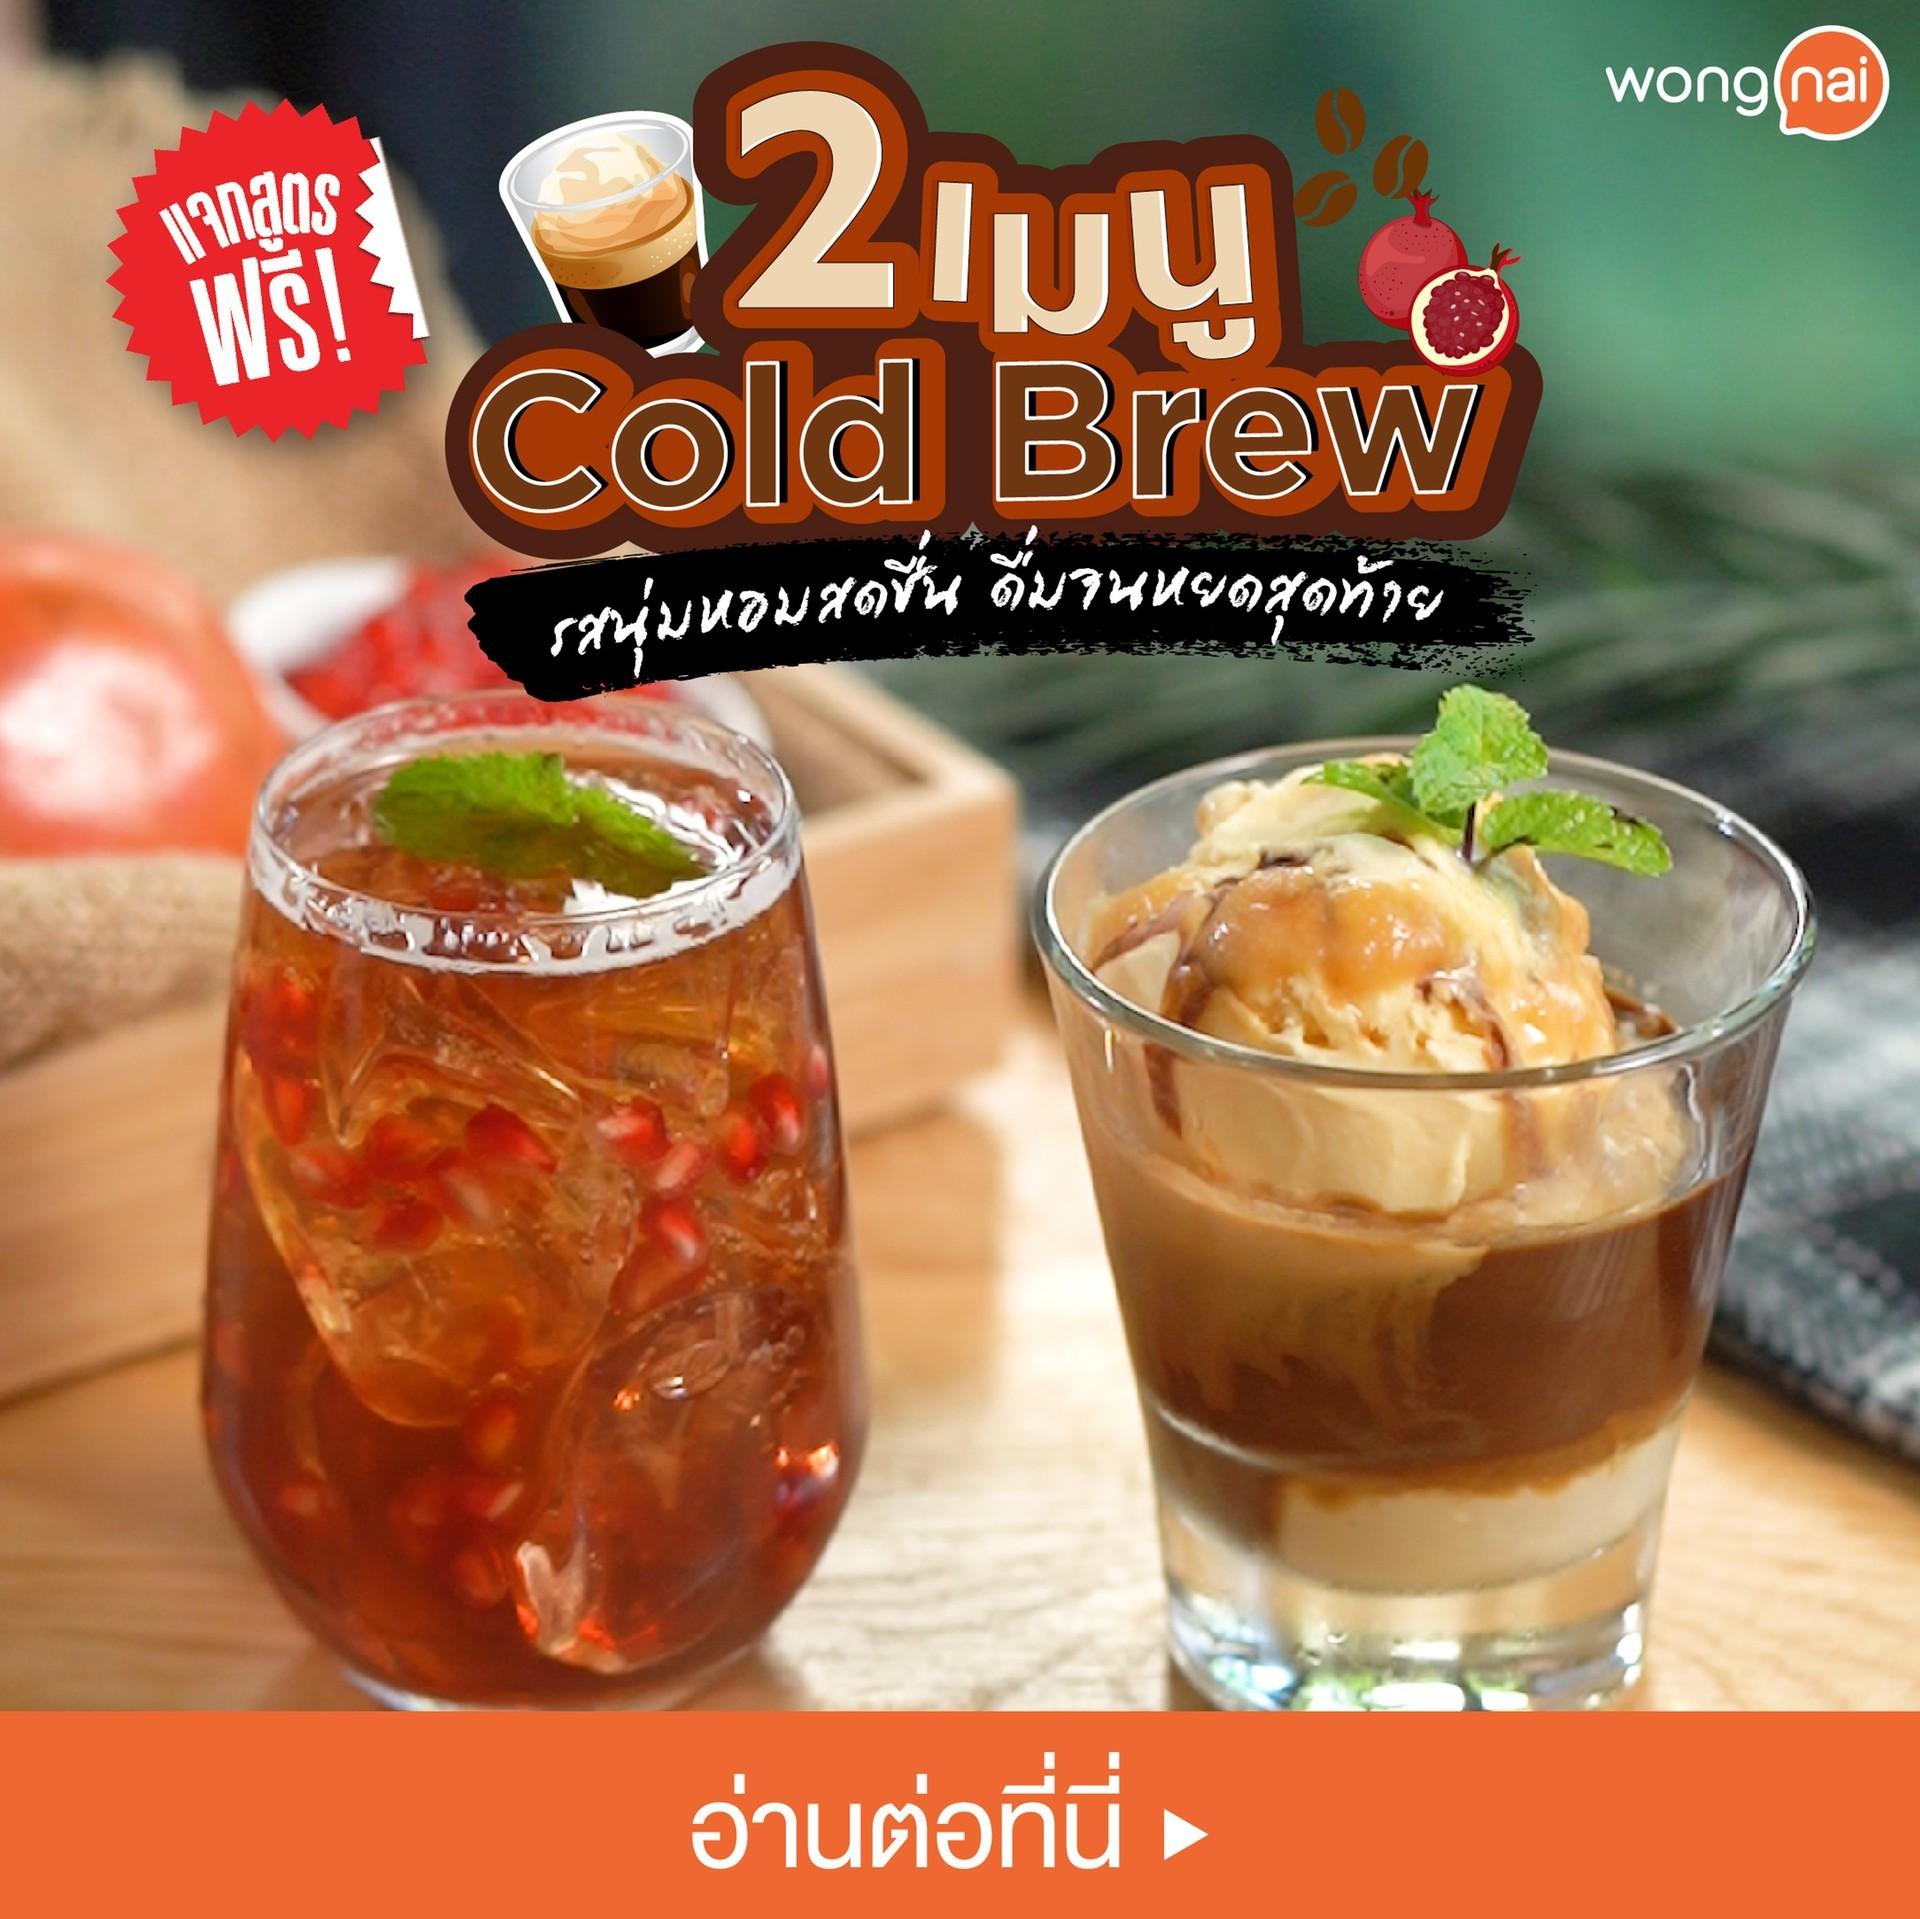 2 เมนู Cold Brew